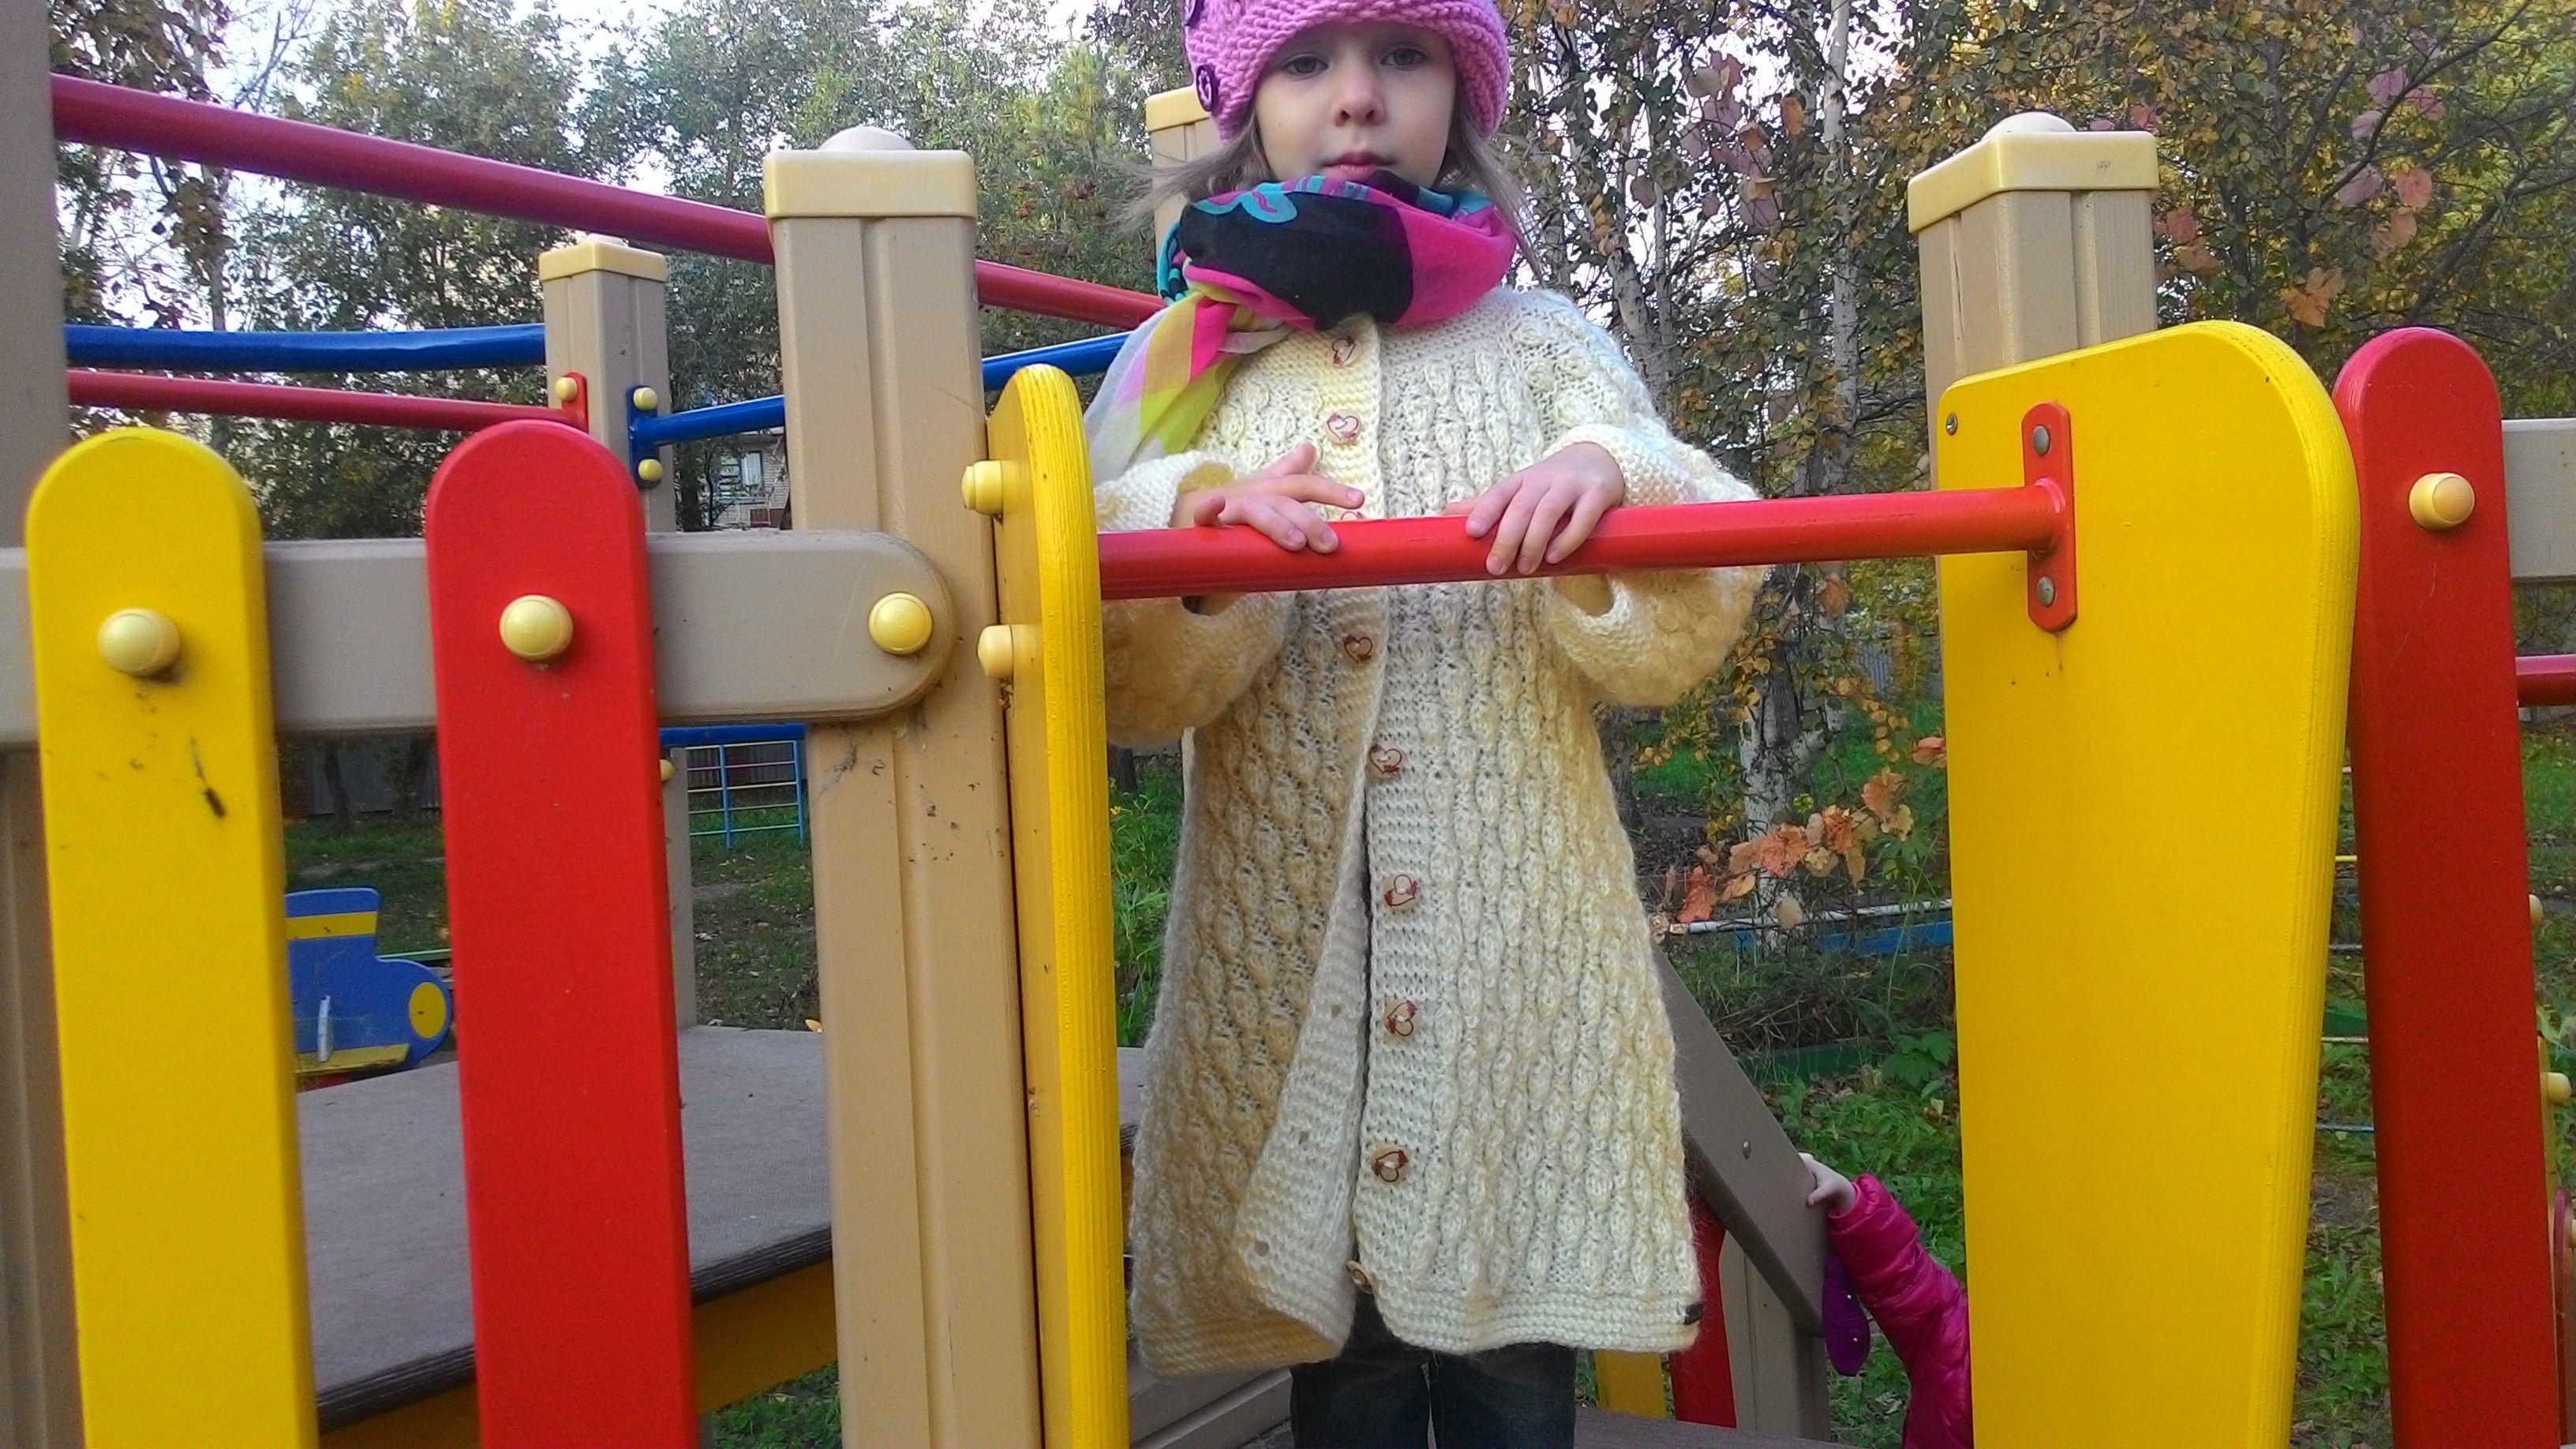 спицами мохера осенний девочек осеннее детское одежда детская пальто вязание для из детский кардиган